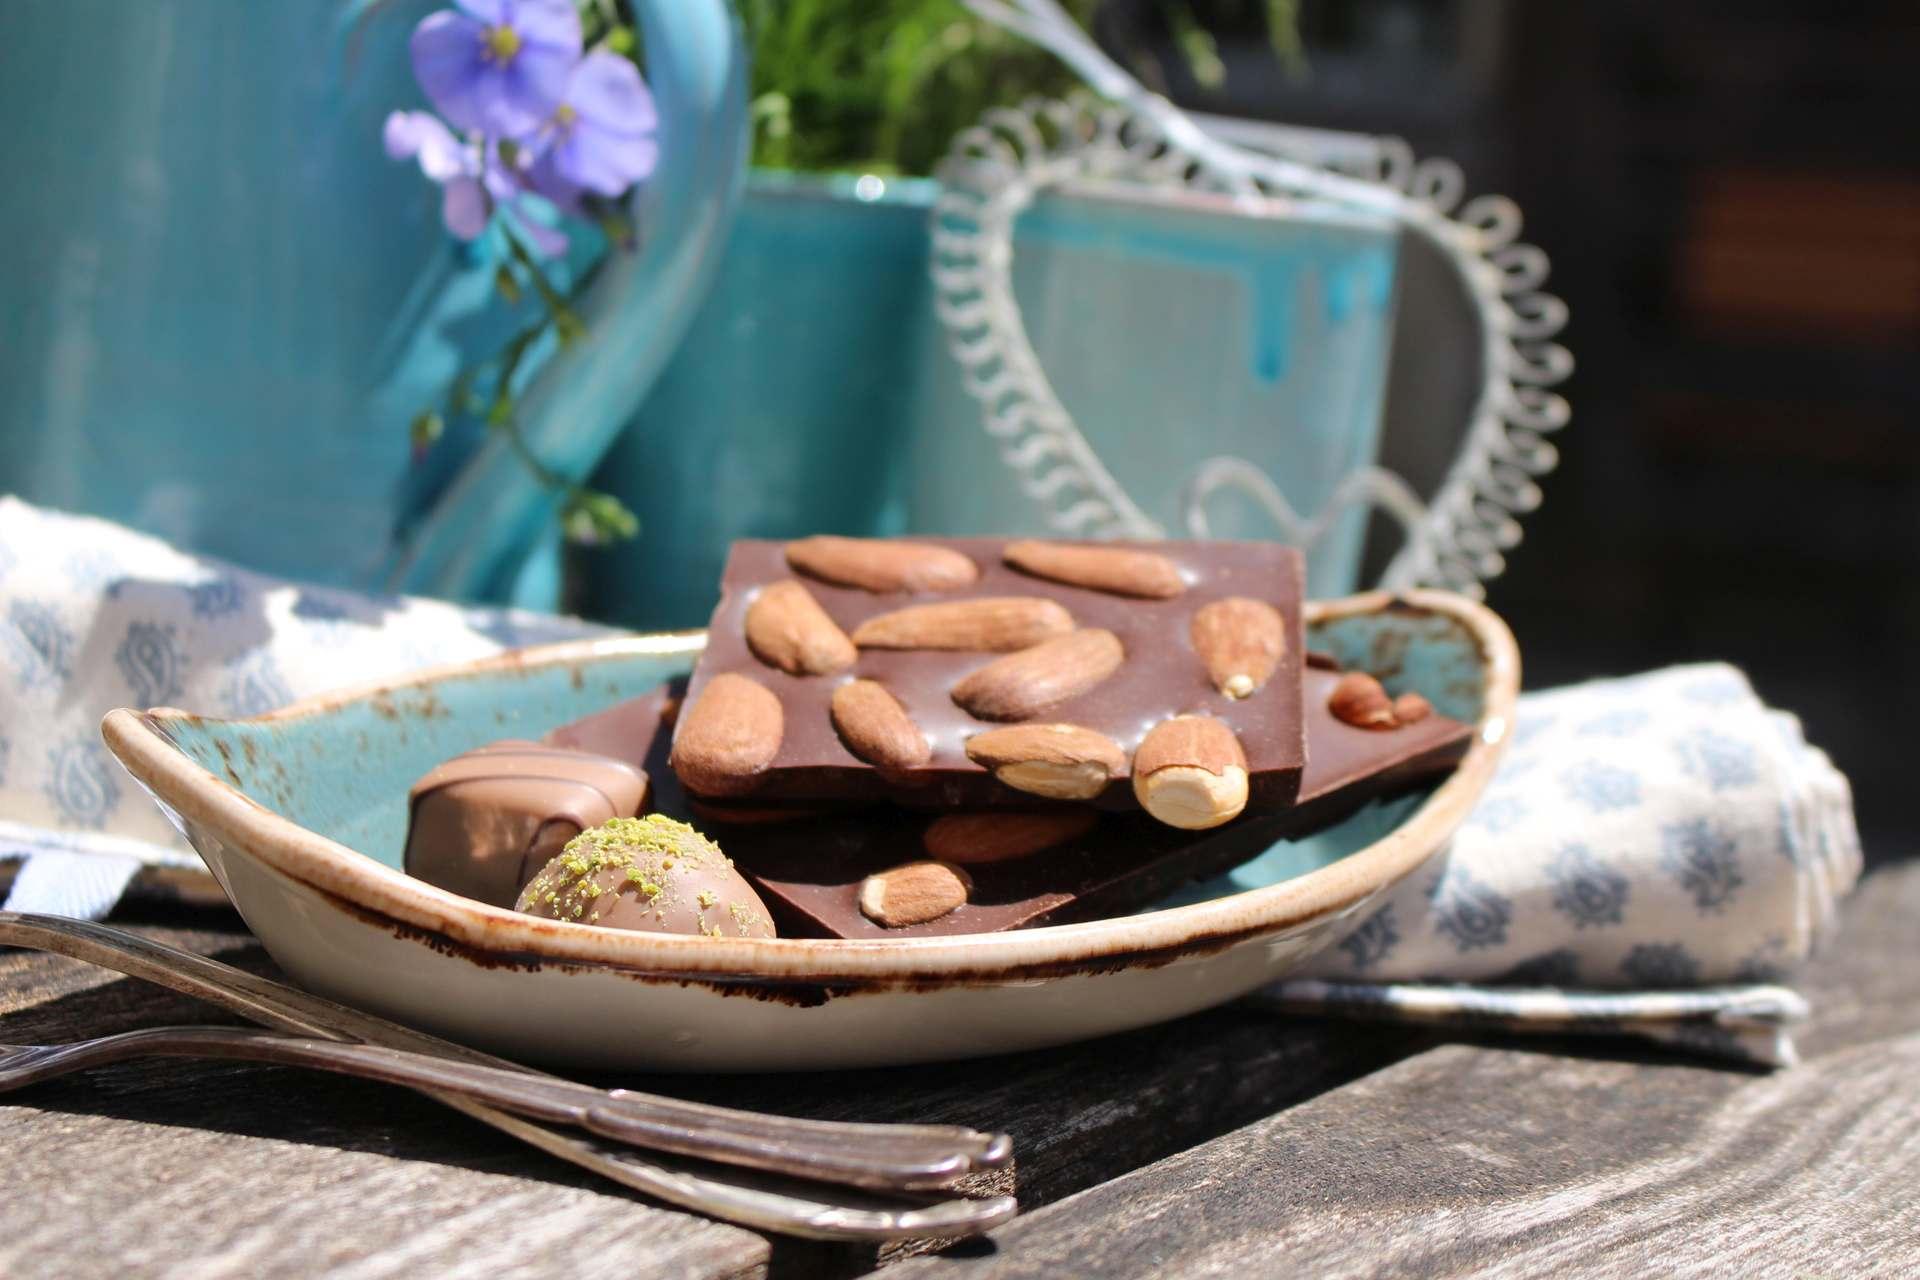 01_Schokolade_Pralinen